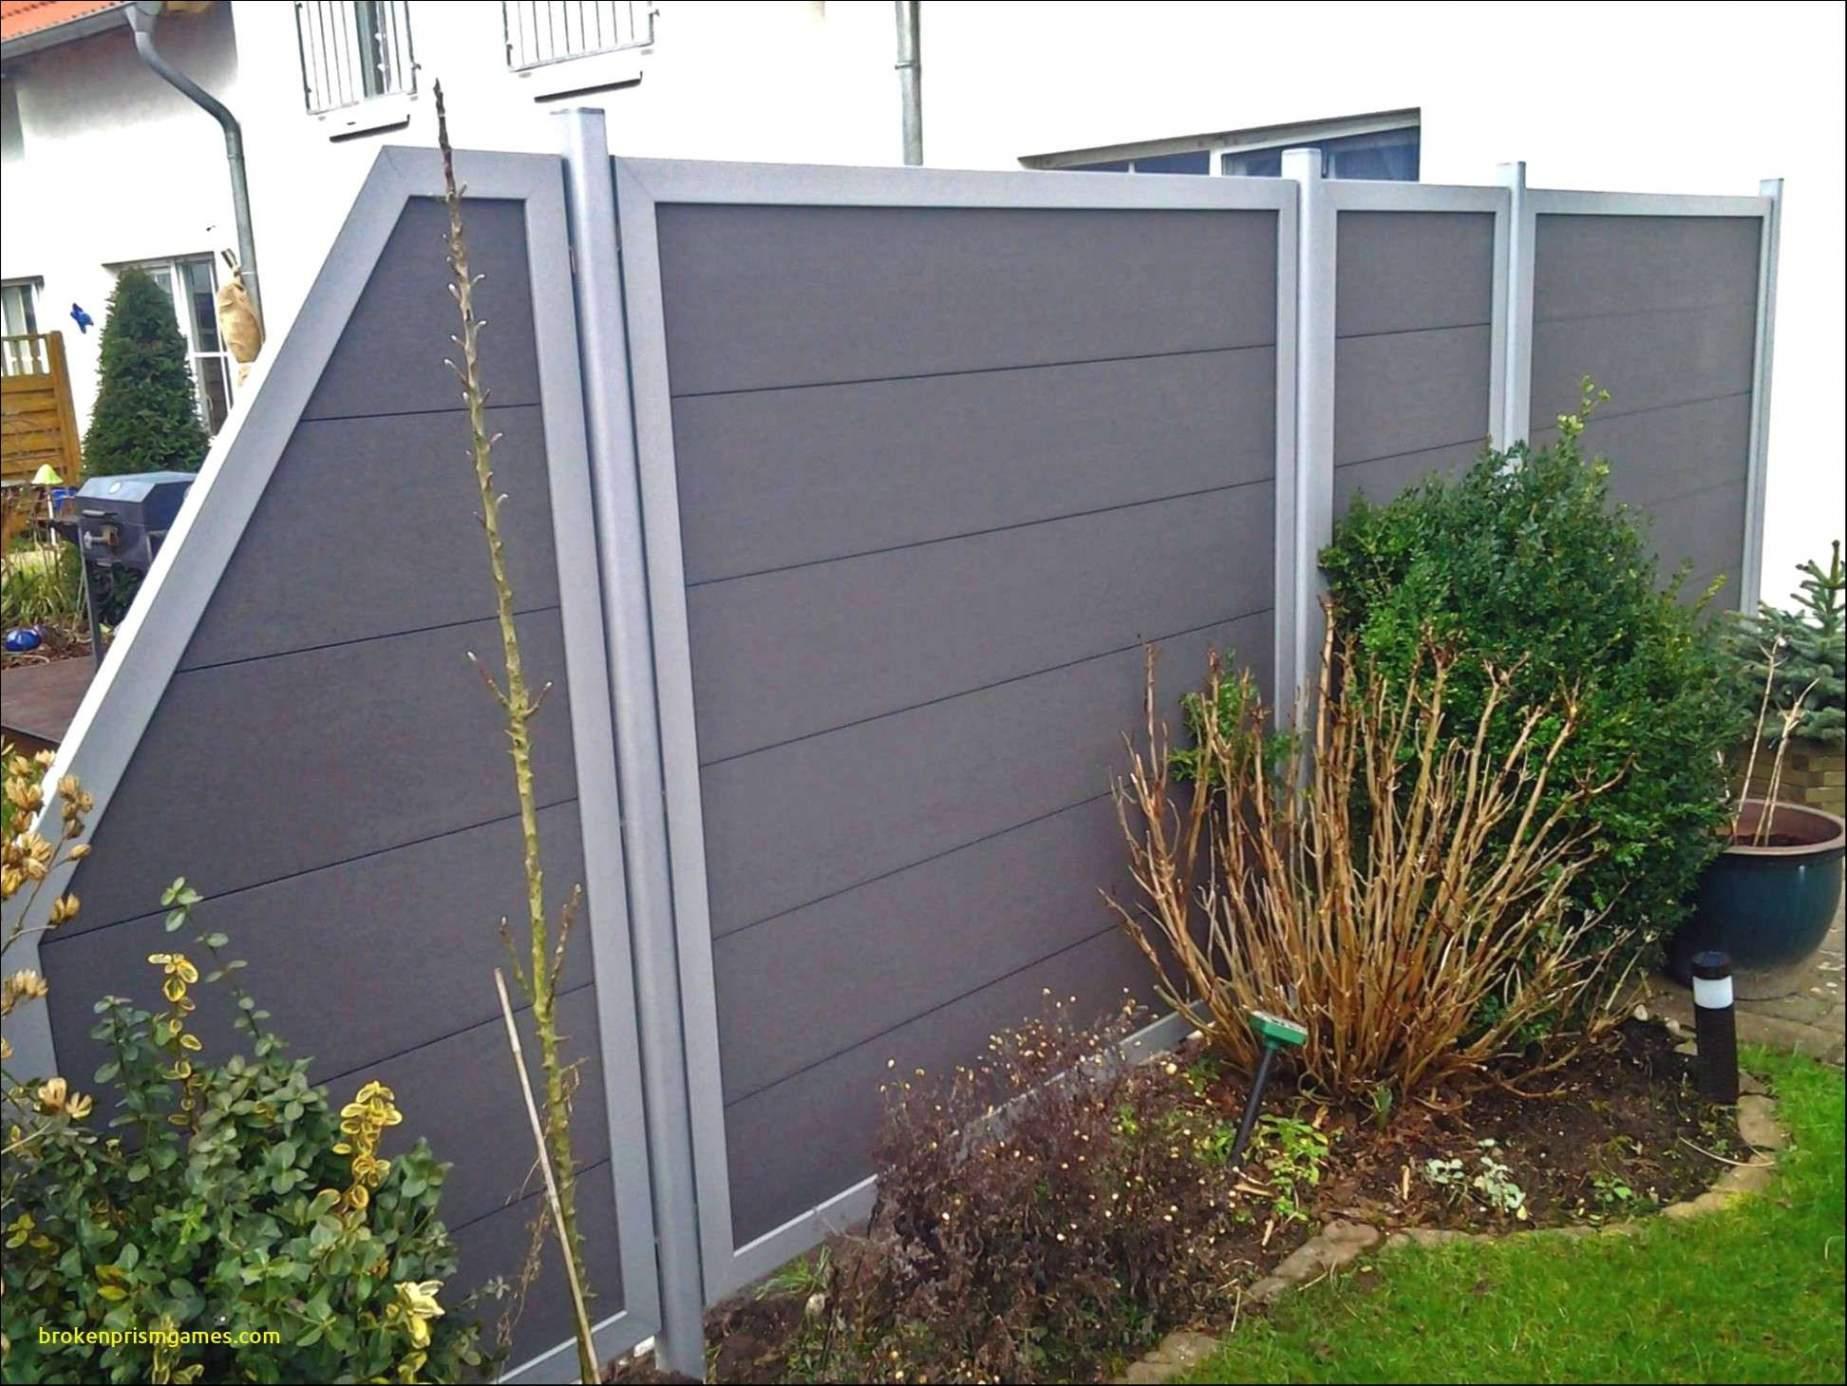 42 frisch blumen sichtschutz pic sichtschutz terrasse ideen sichtschutz terrasse ideen